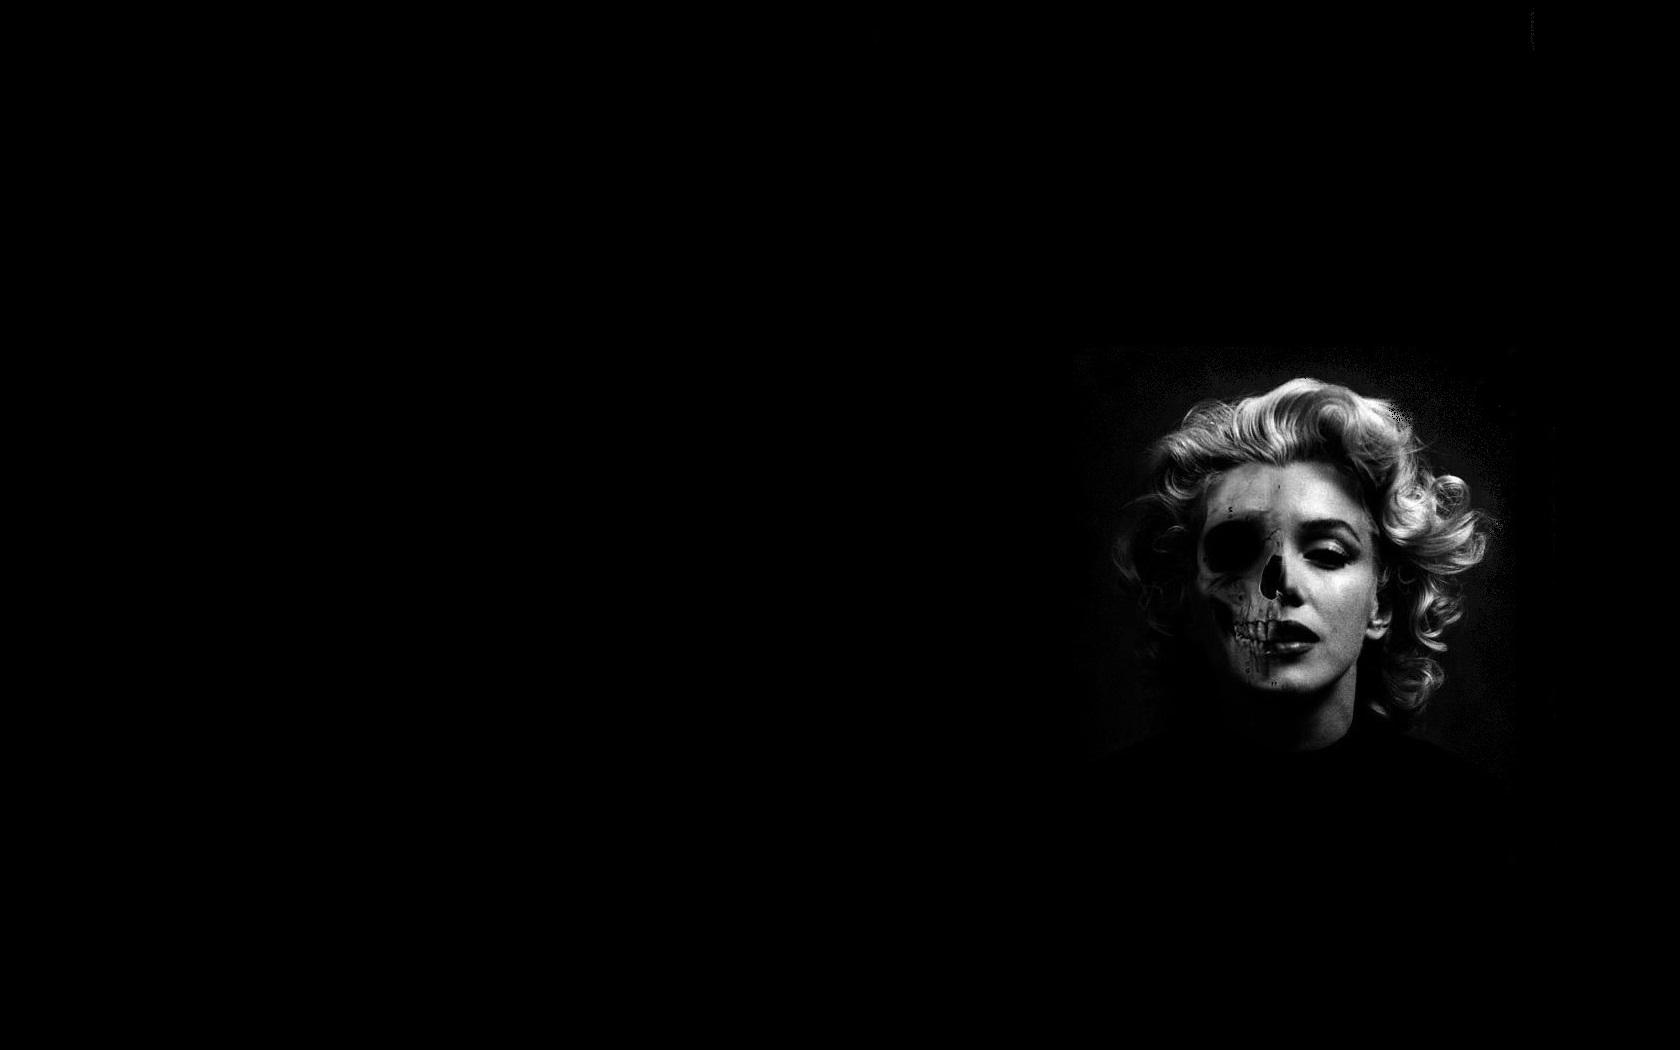 Marilyn Monroe skeleton wallpaper